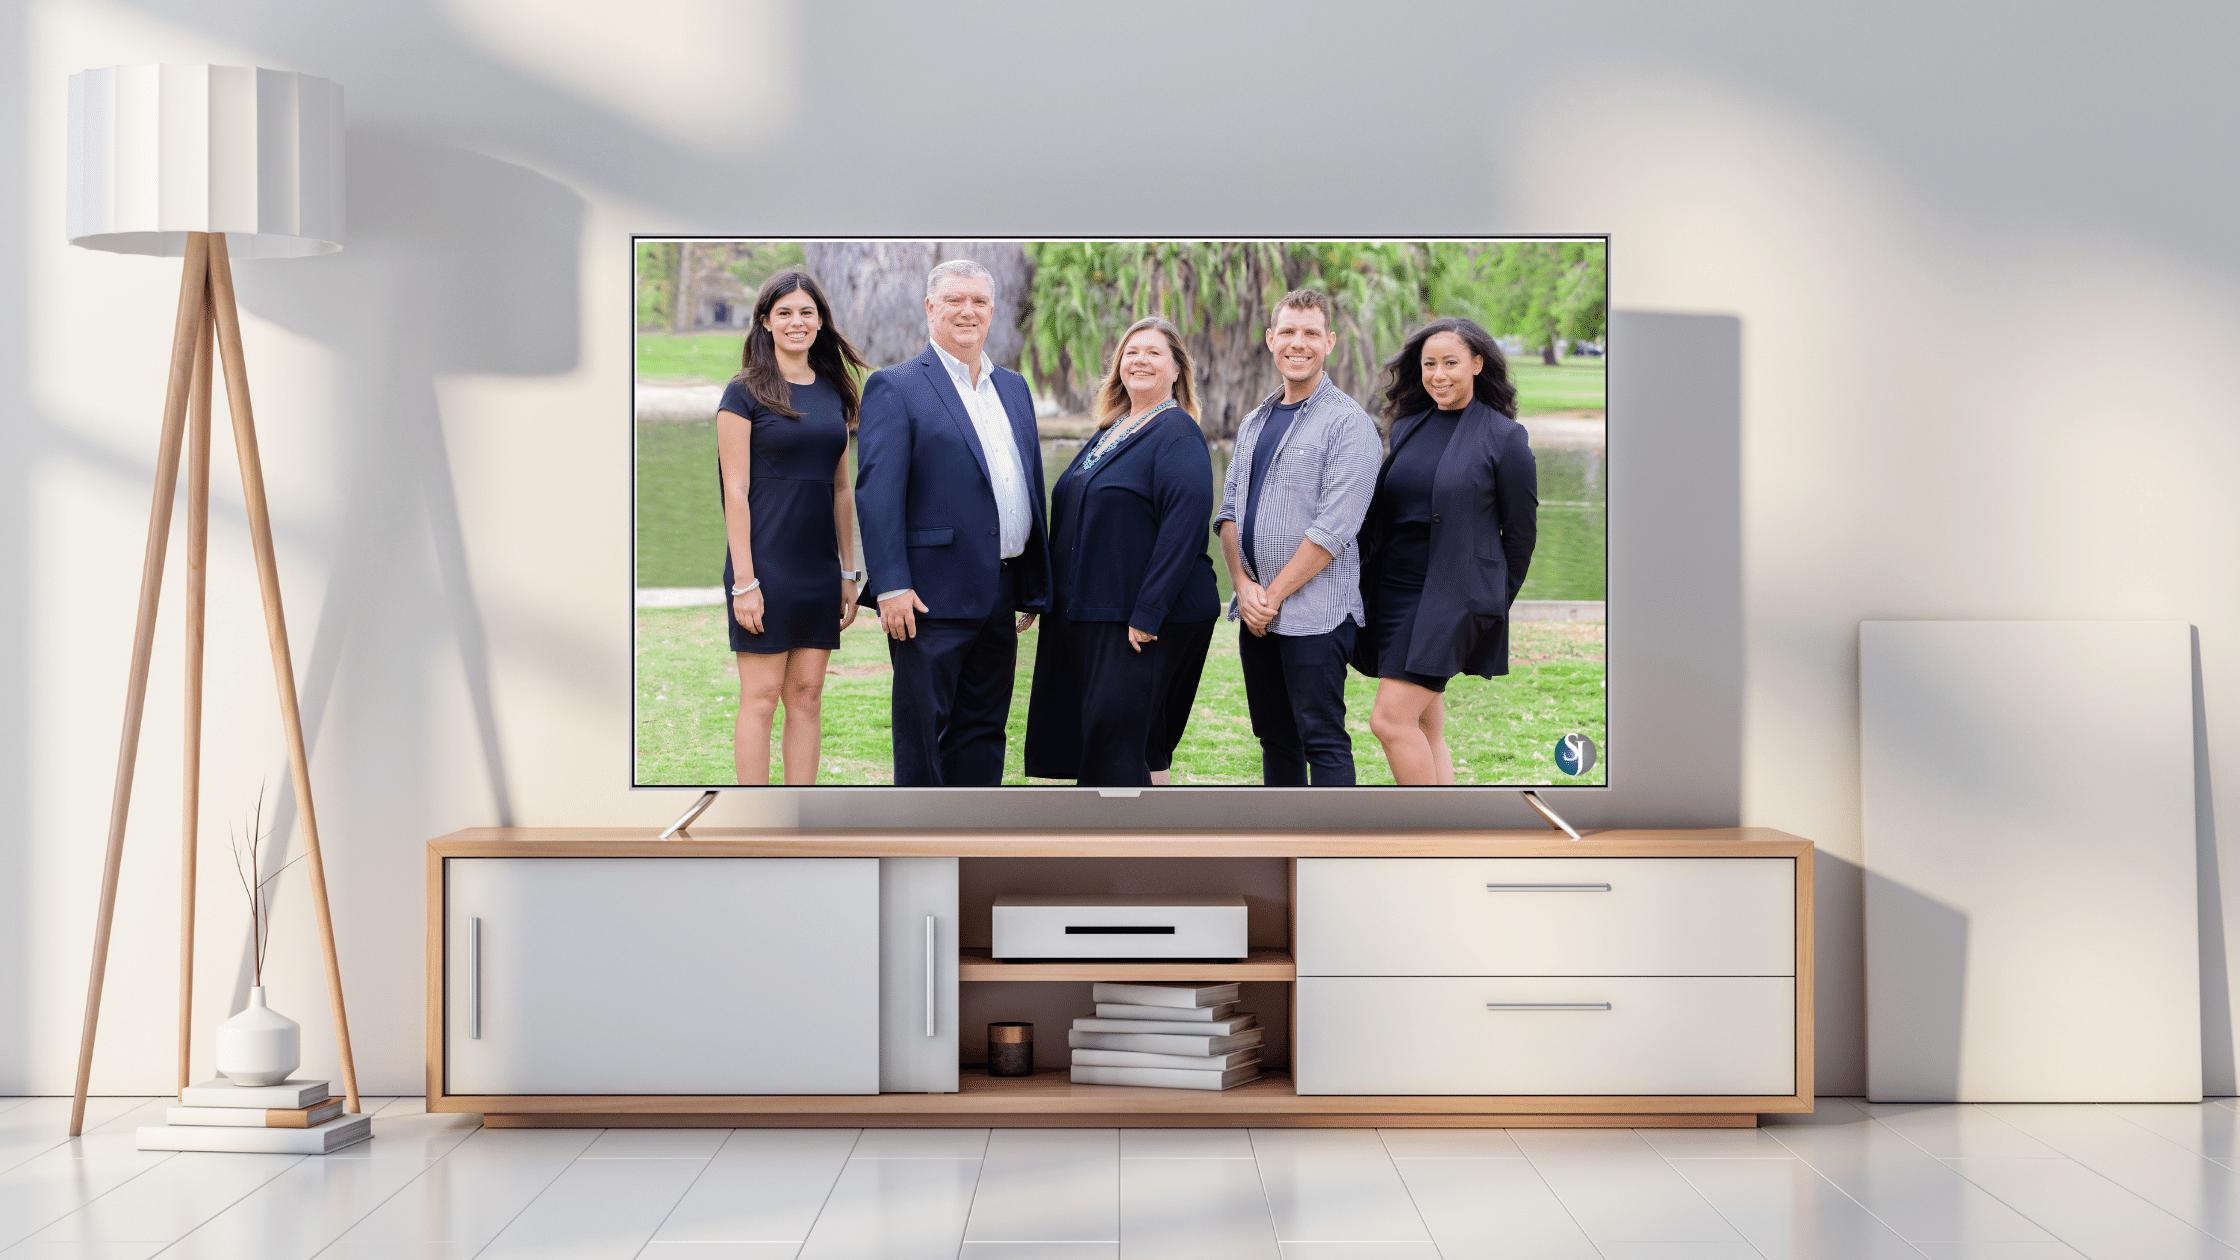 Real Estate TV Shows Blog